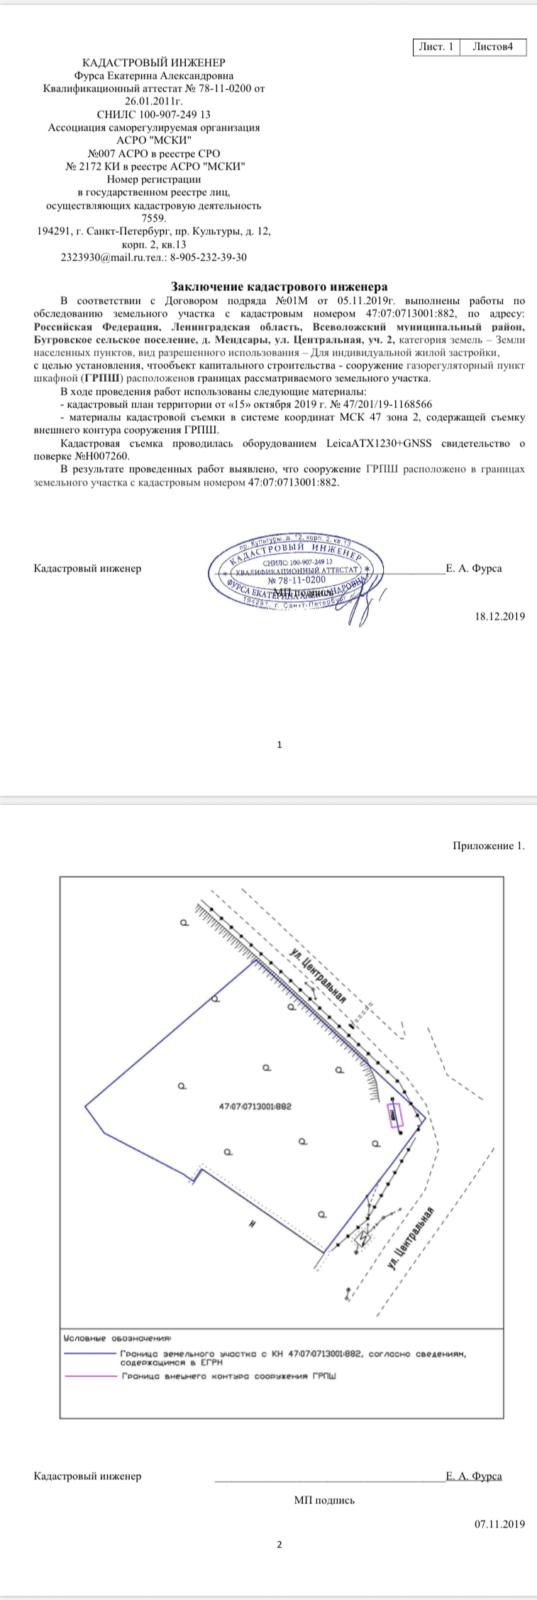 Фурса кадастровый инженер